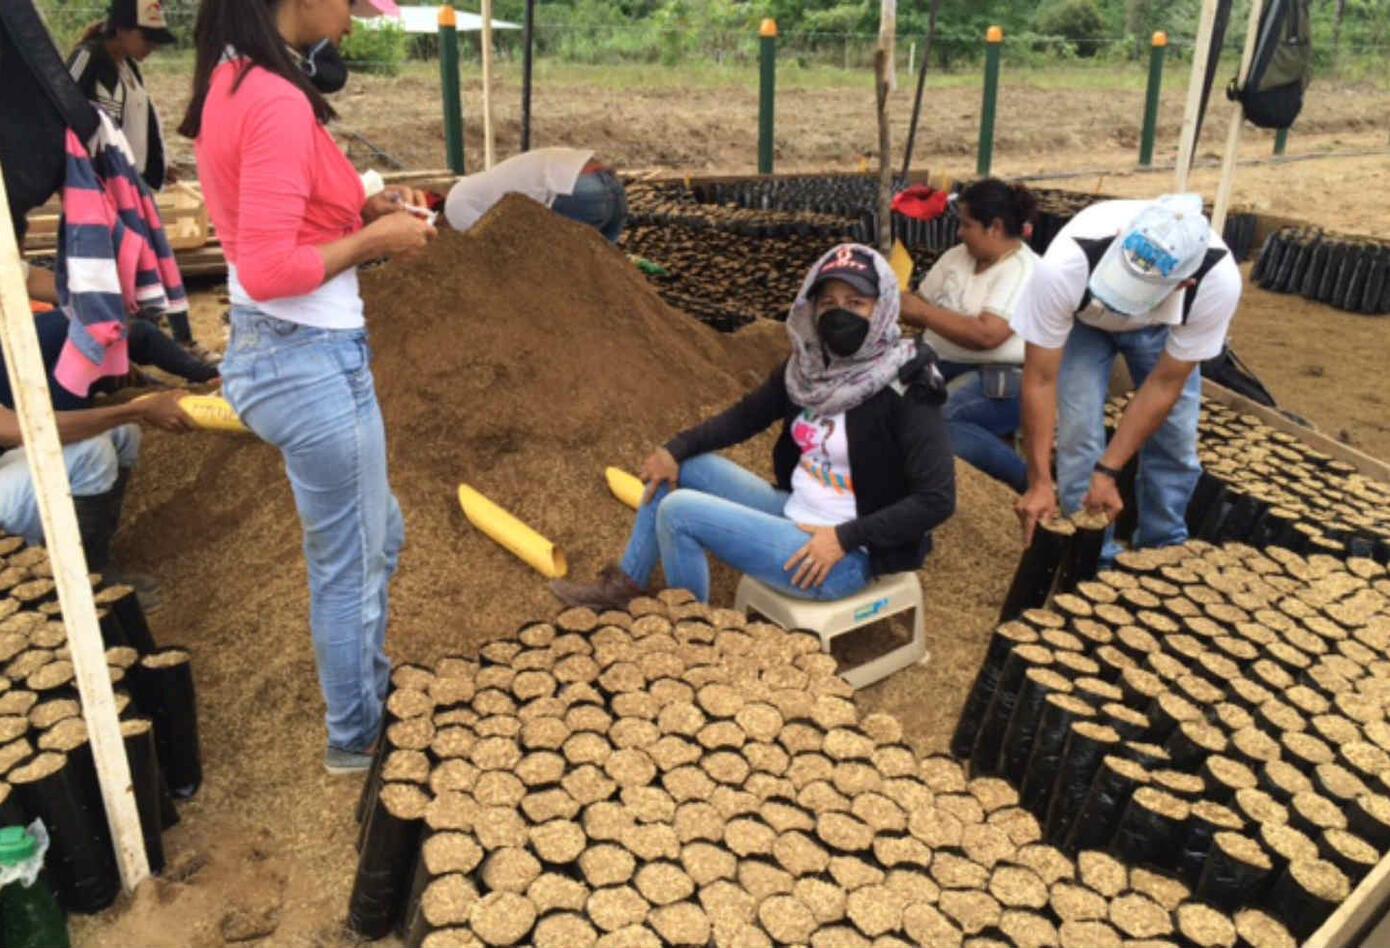 Sustitución de cultivos ilícitos en Guaviare